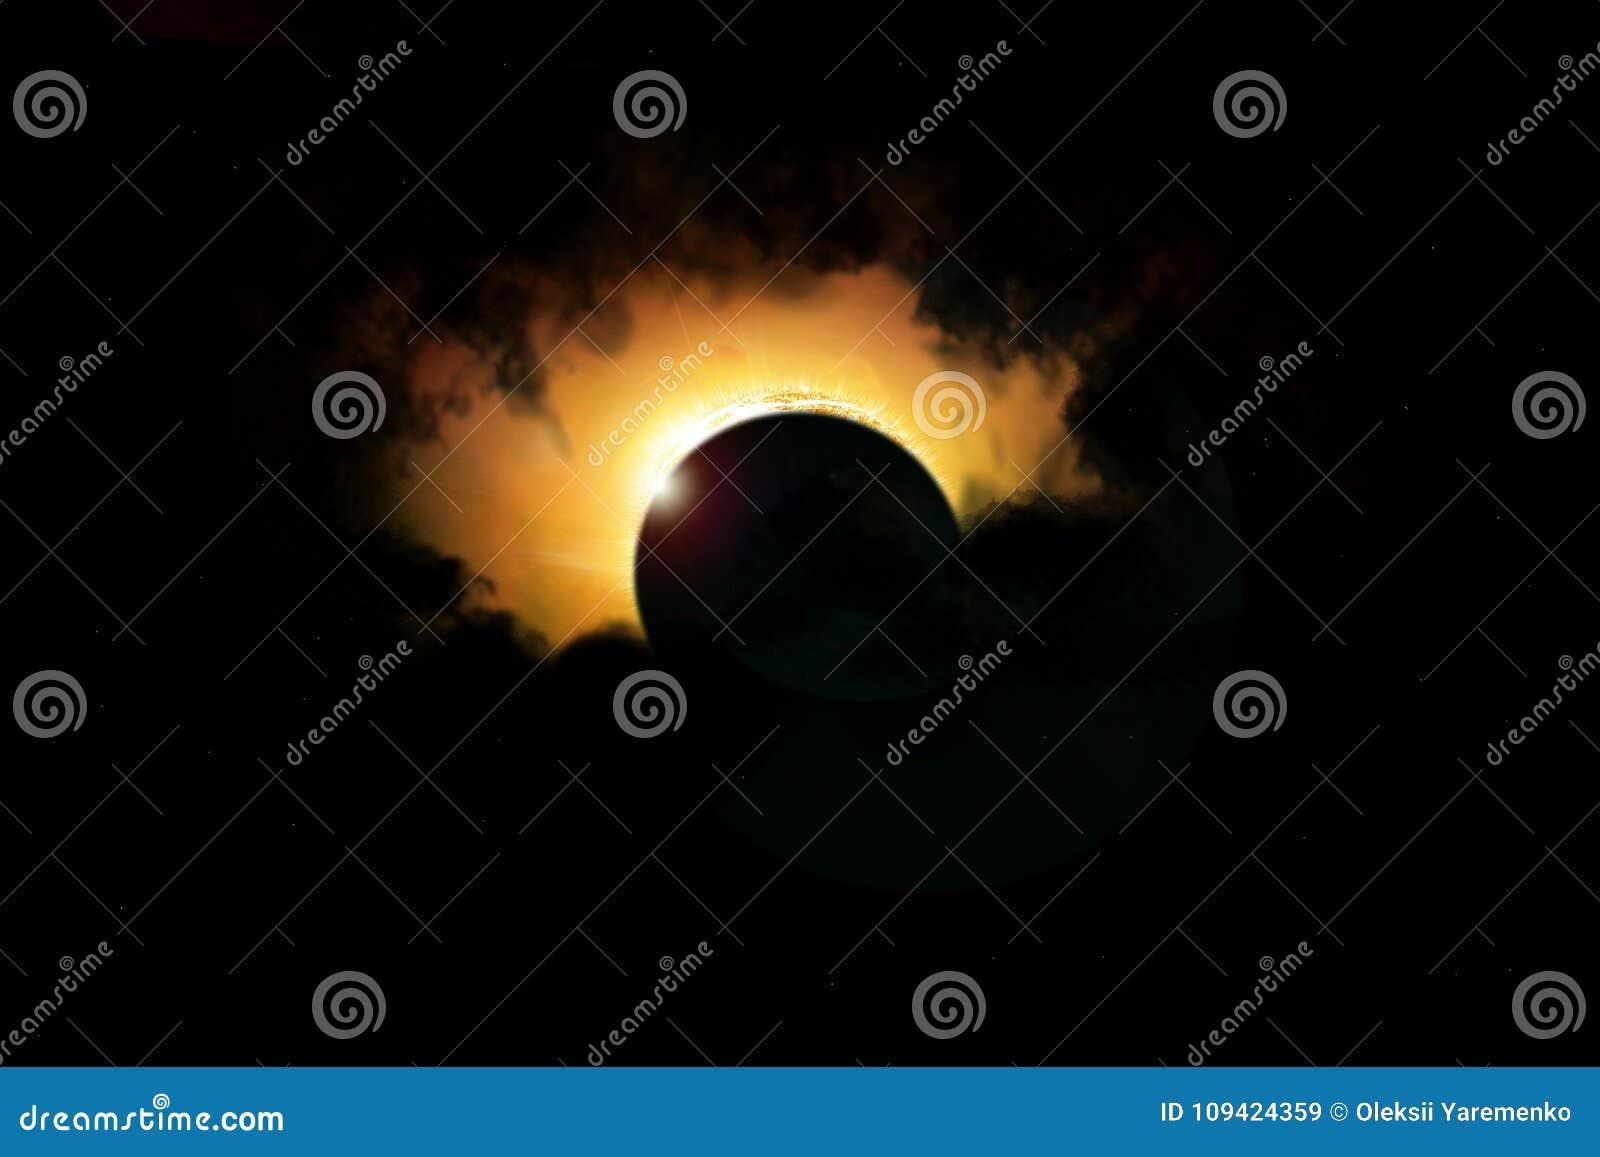 Éclipse solaire de l espace Système solaire, éruption chromosphérique, éclipse totale